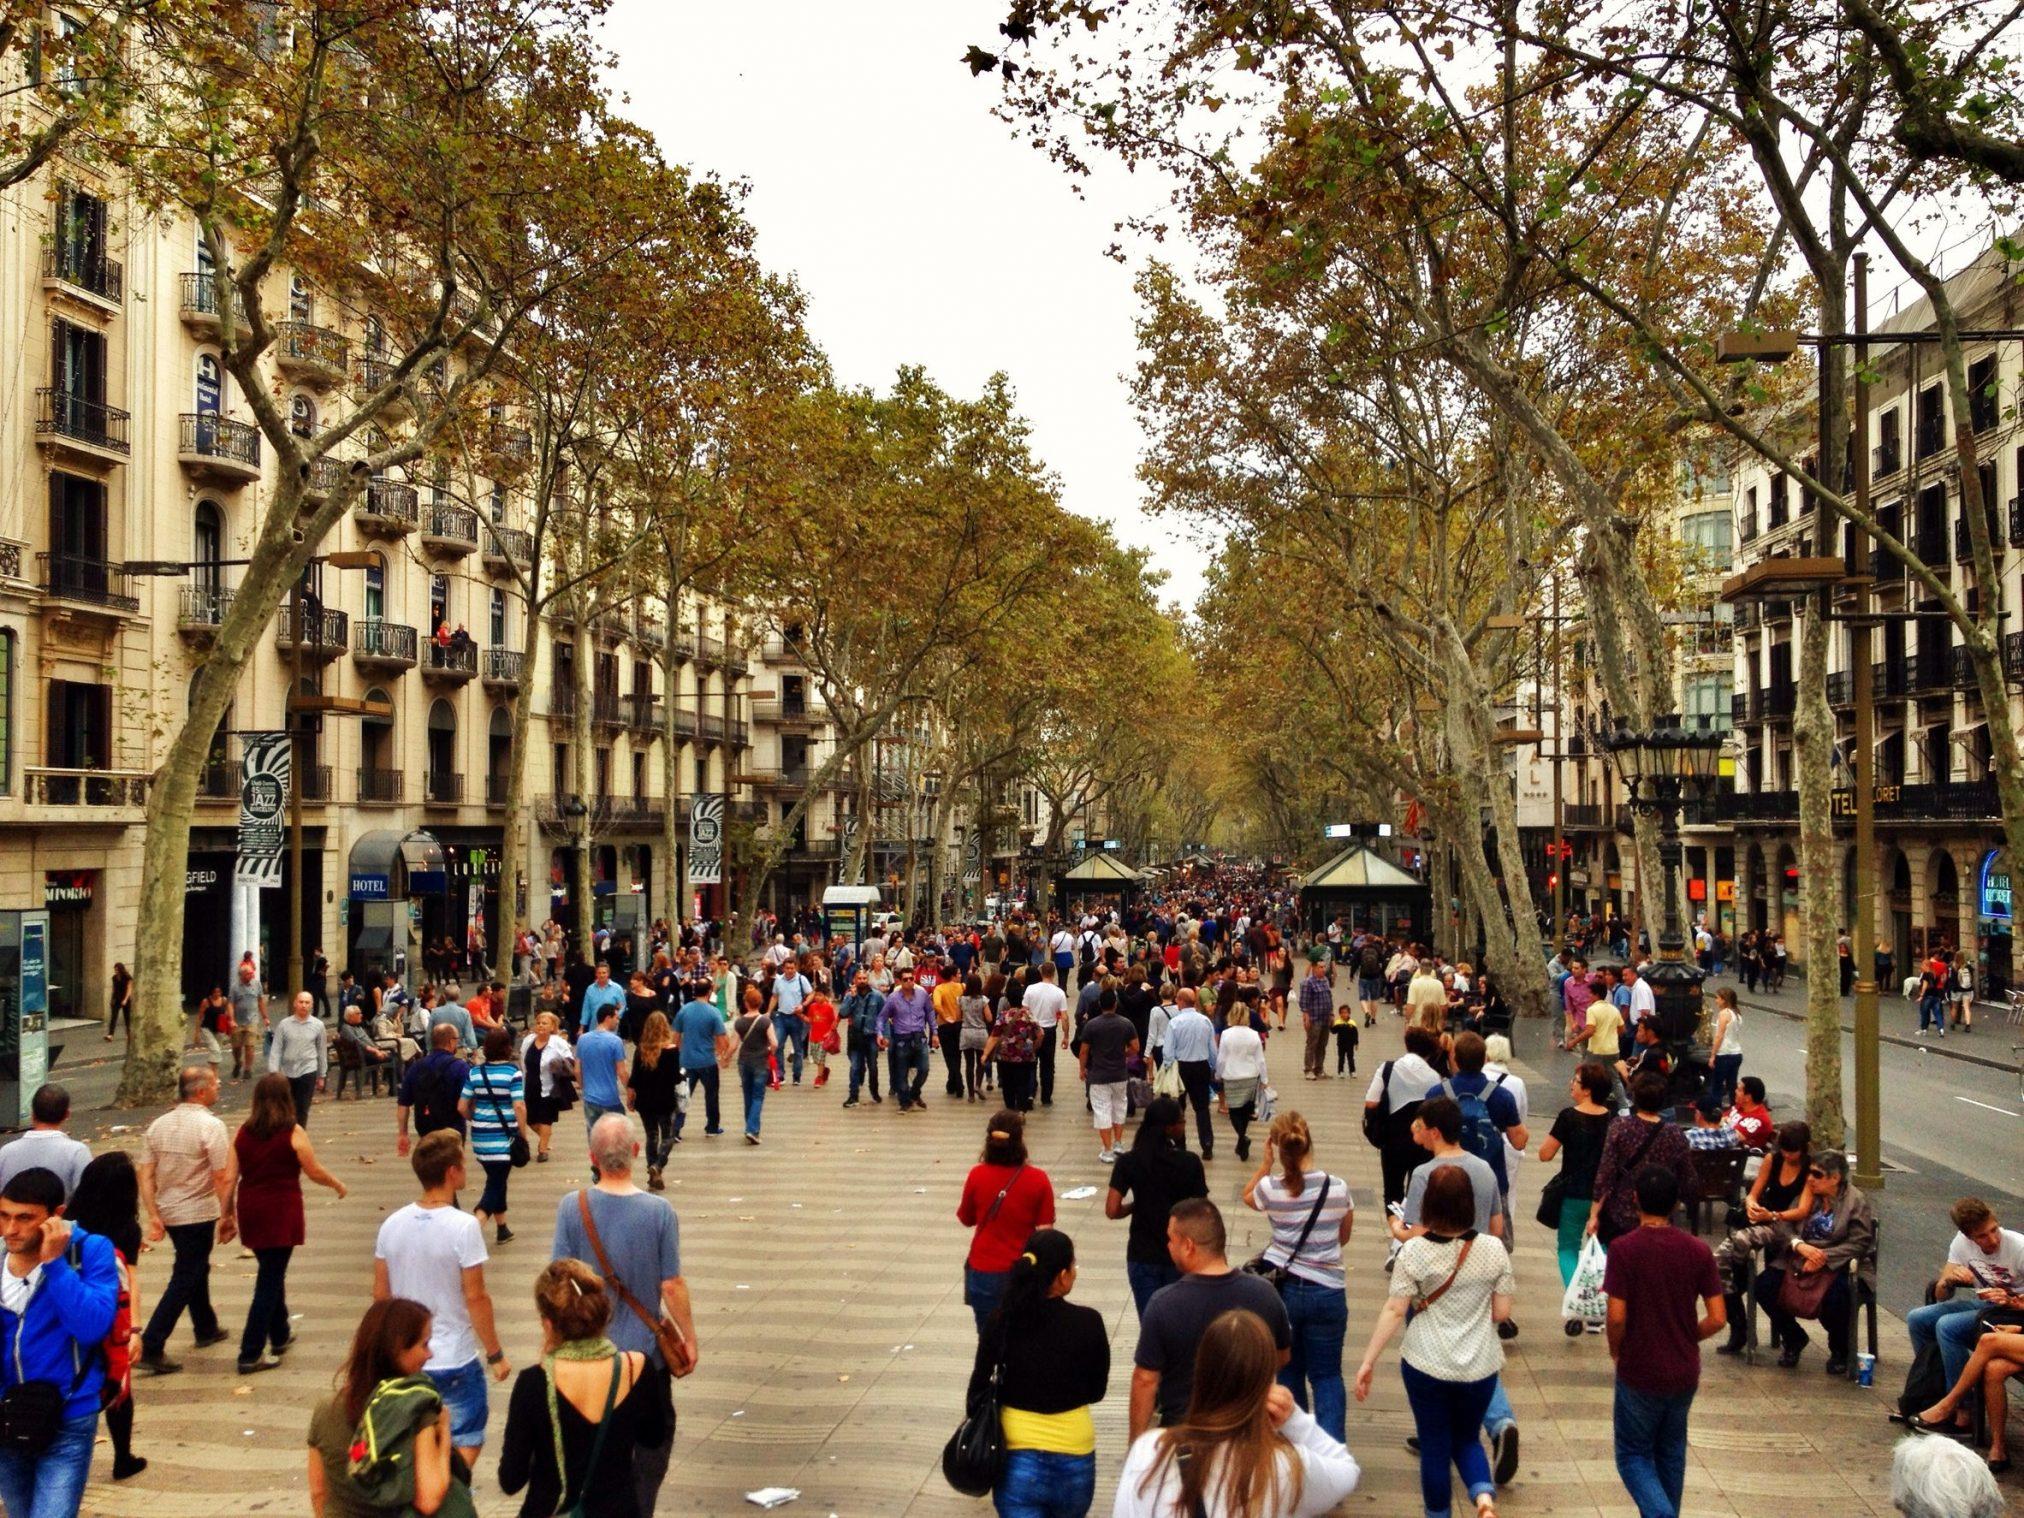 Las Ramblas street scene